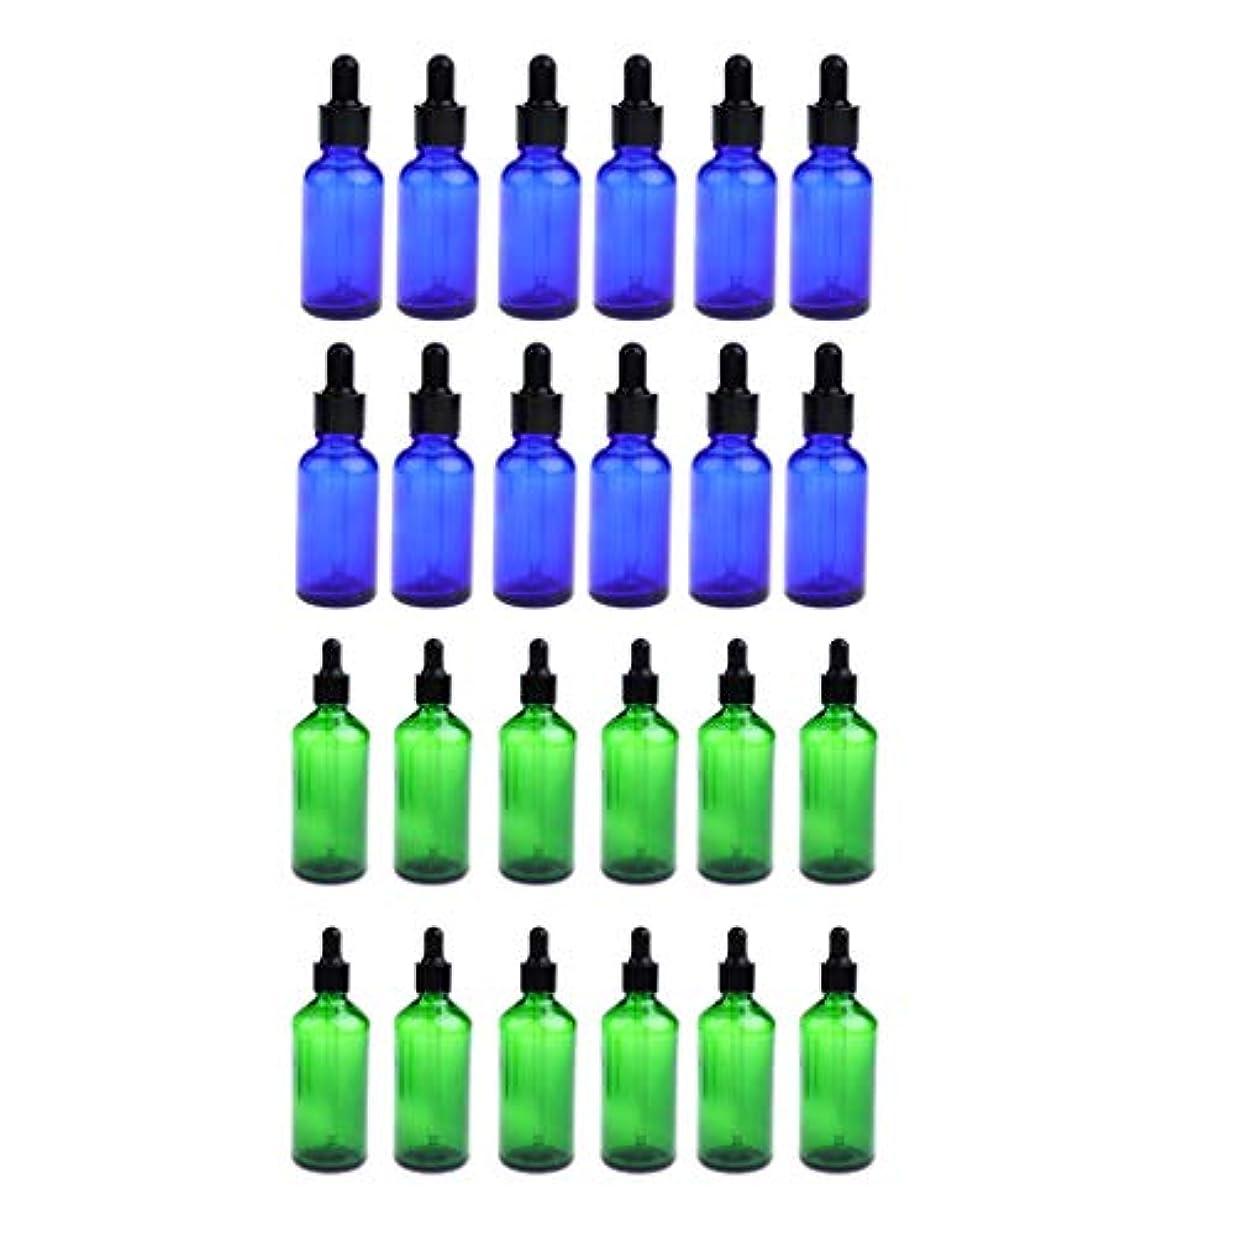 従順な釈義腕24個 ガラス瓶 アロマボトル 空のボトル 精油瓶 遮光ビン エッセンシャルオイル 詰替え 液体容器 30ミリ 緑+青